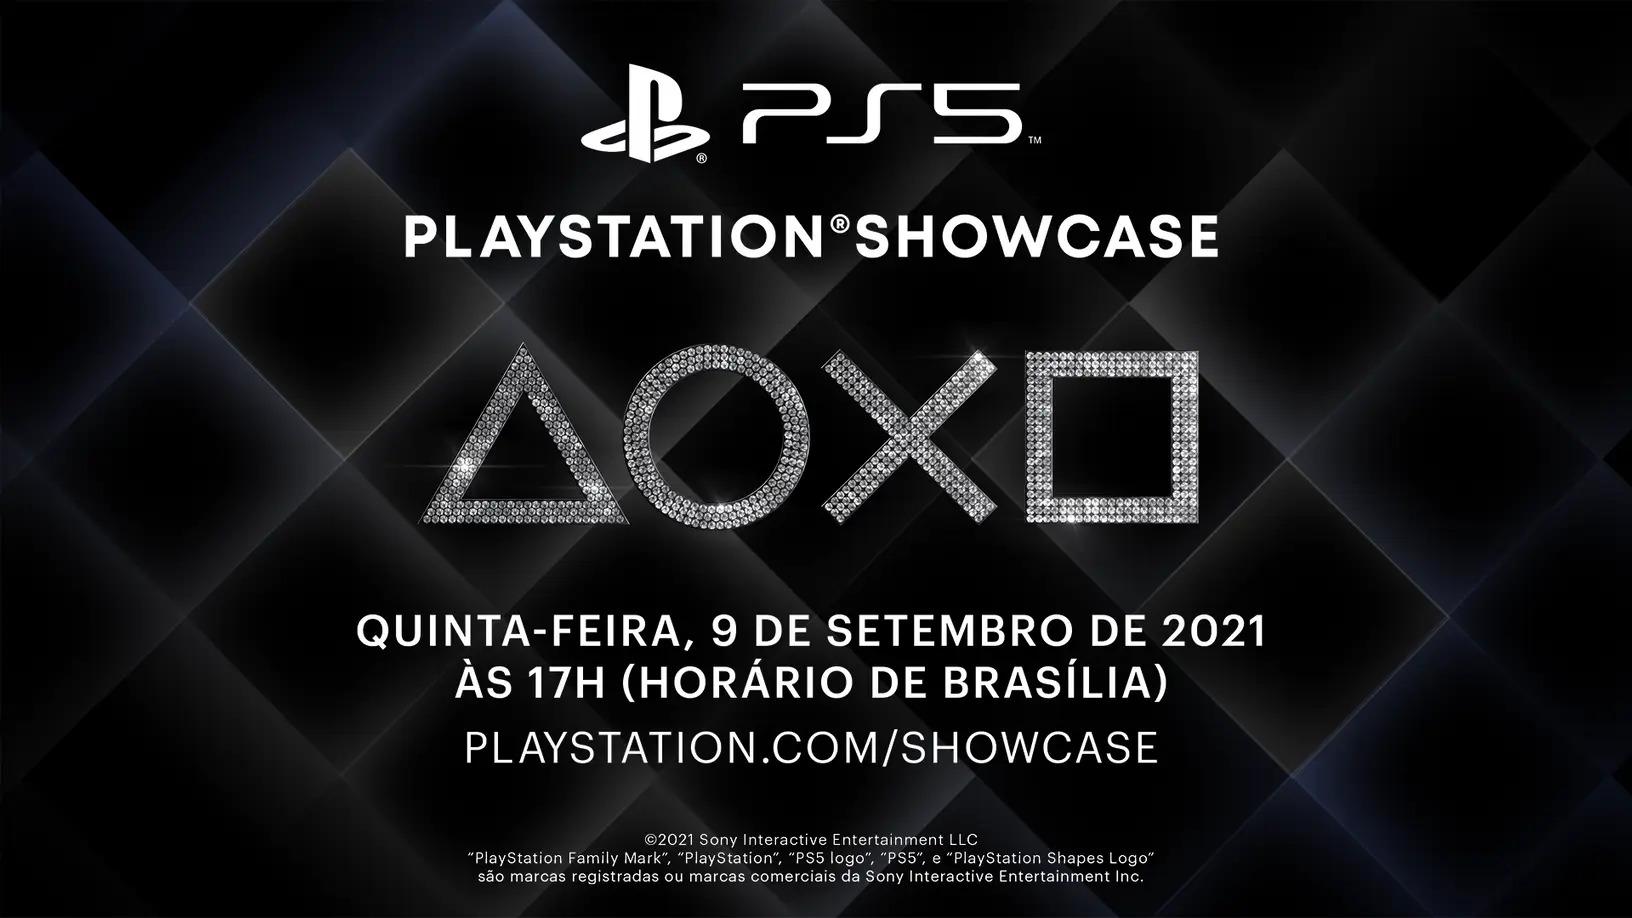 Jogos: PlayStation Showcase: confira o resumo do evento